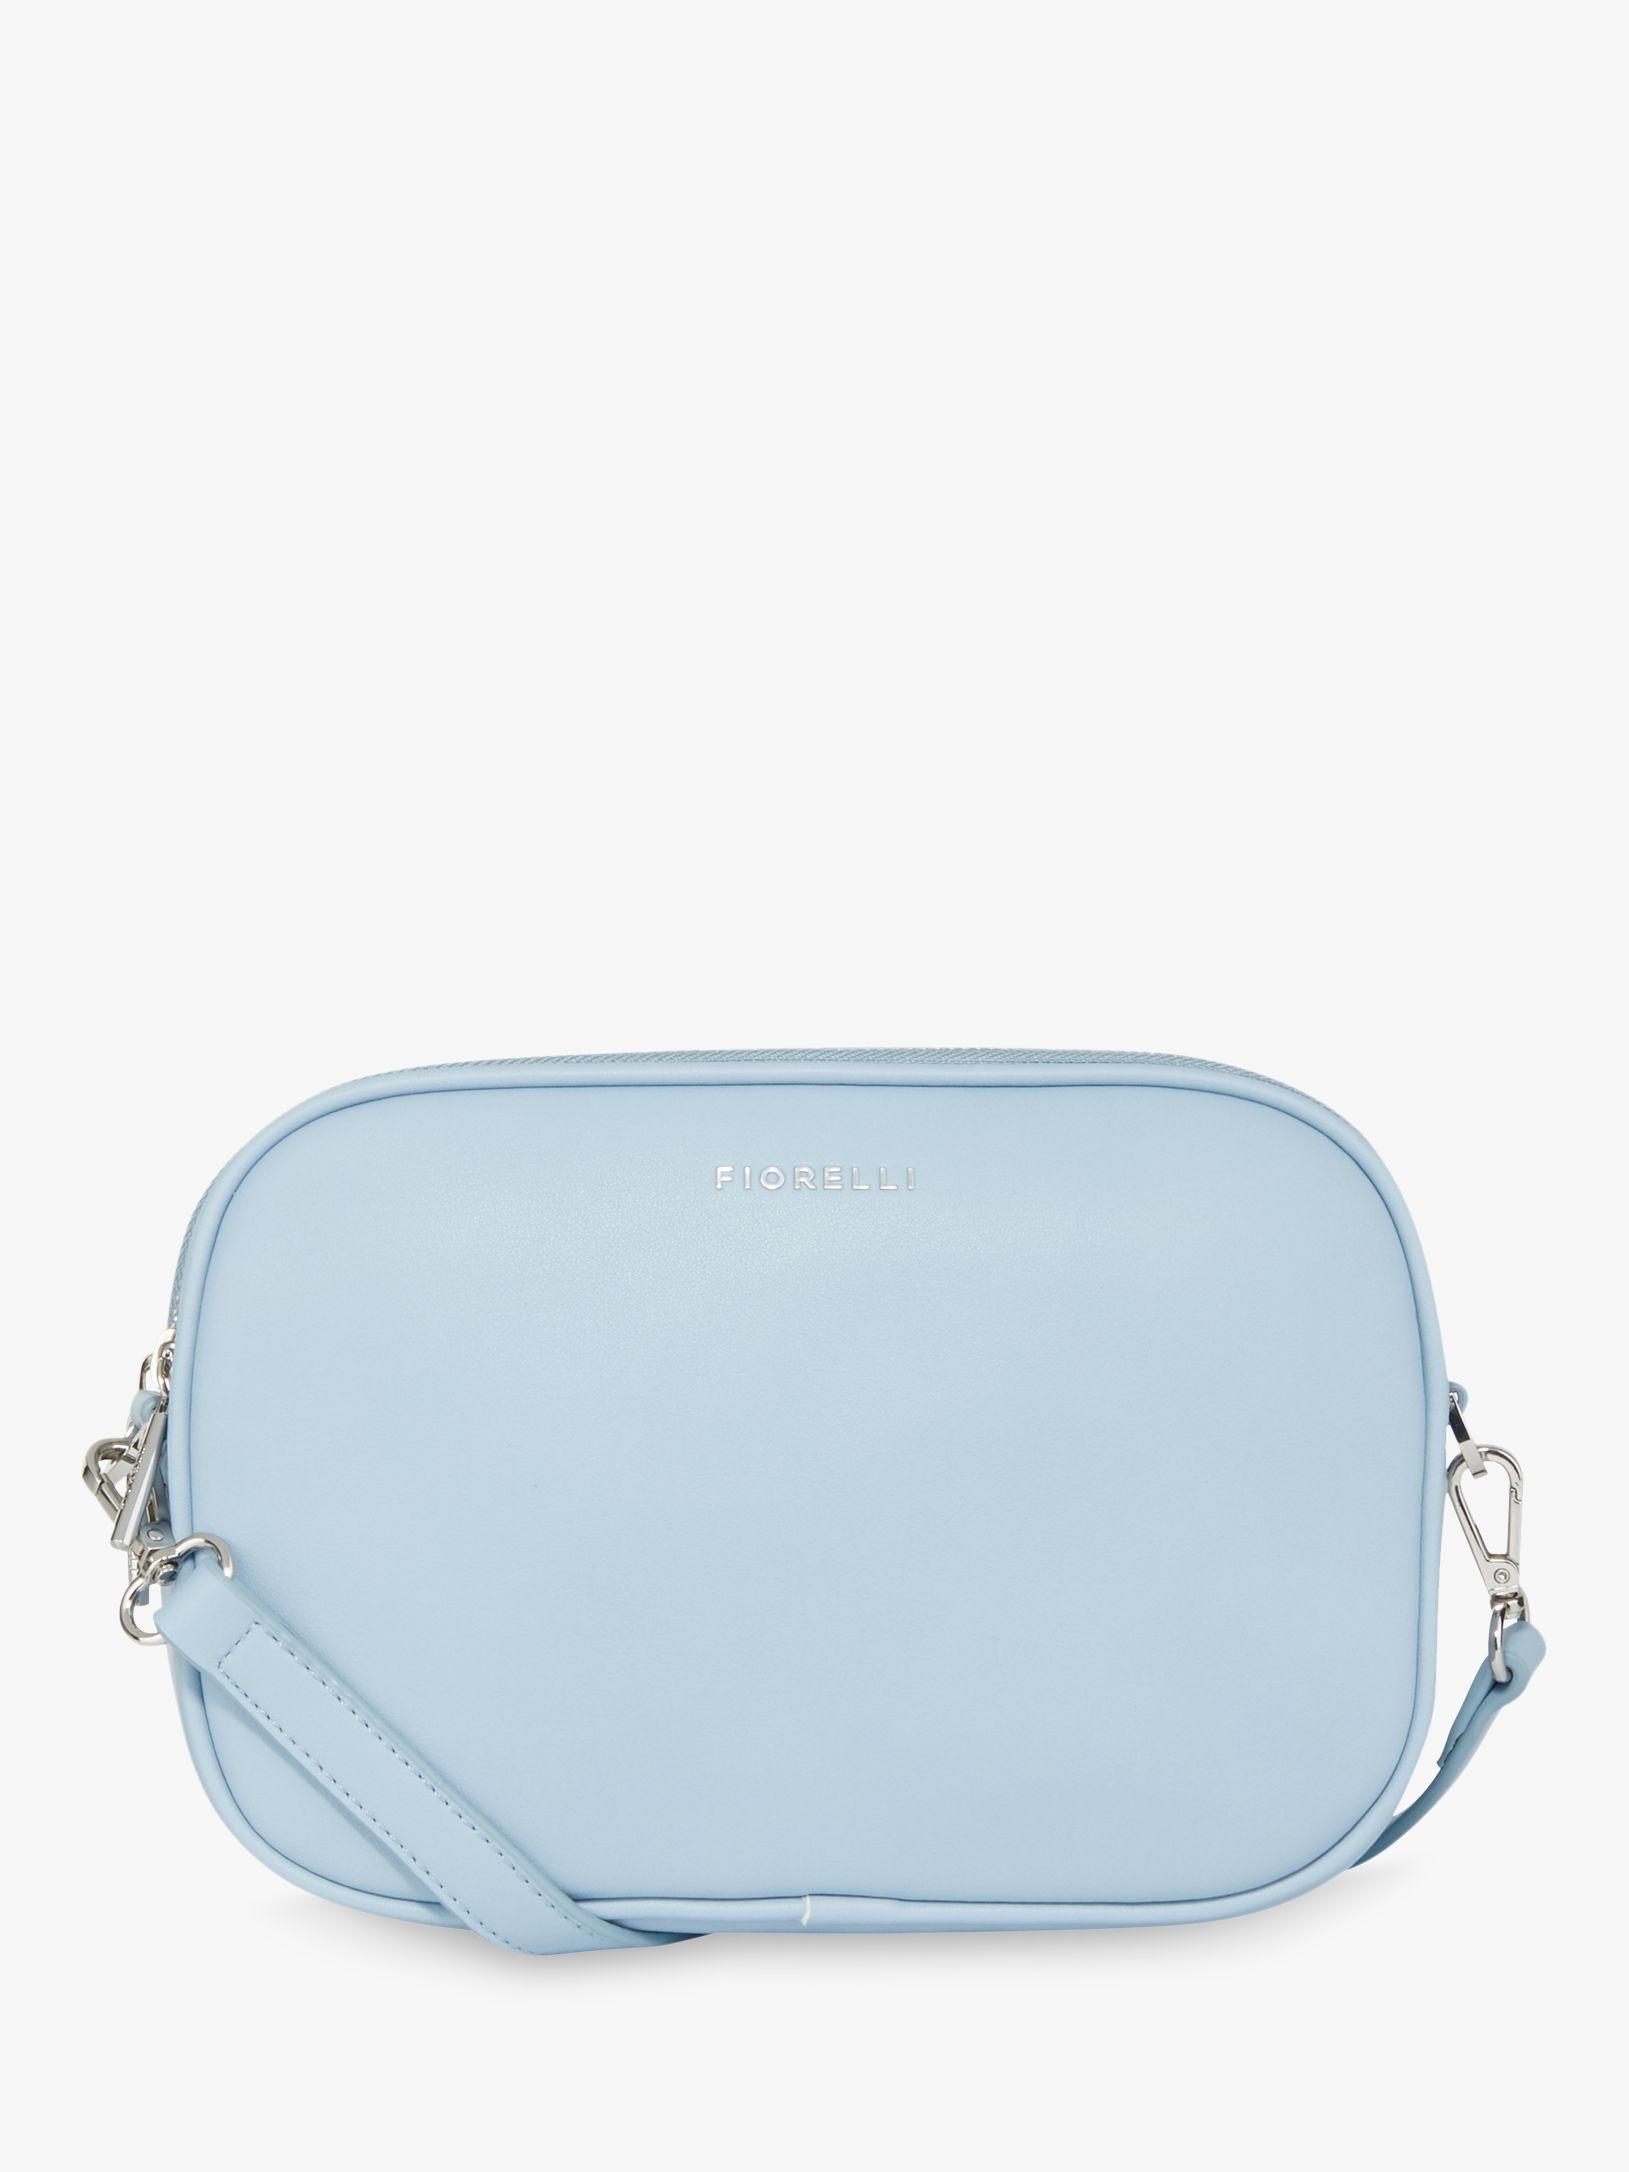 6b80dd2edb99 Fiorelli Beige Bag